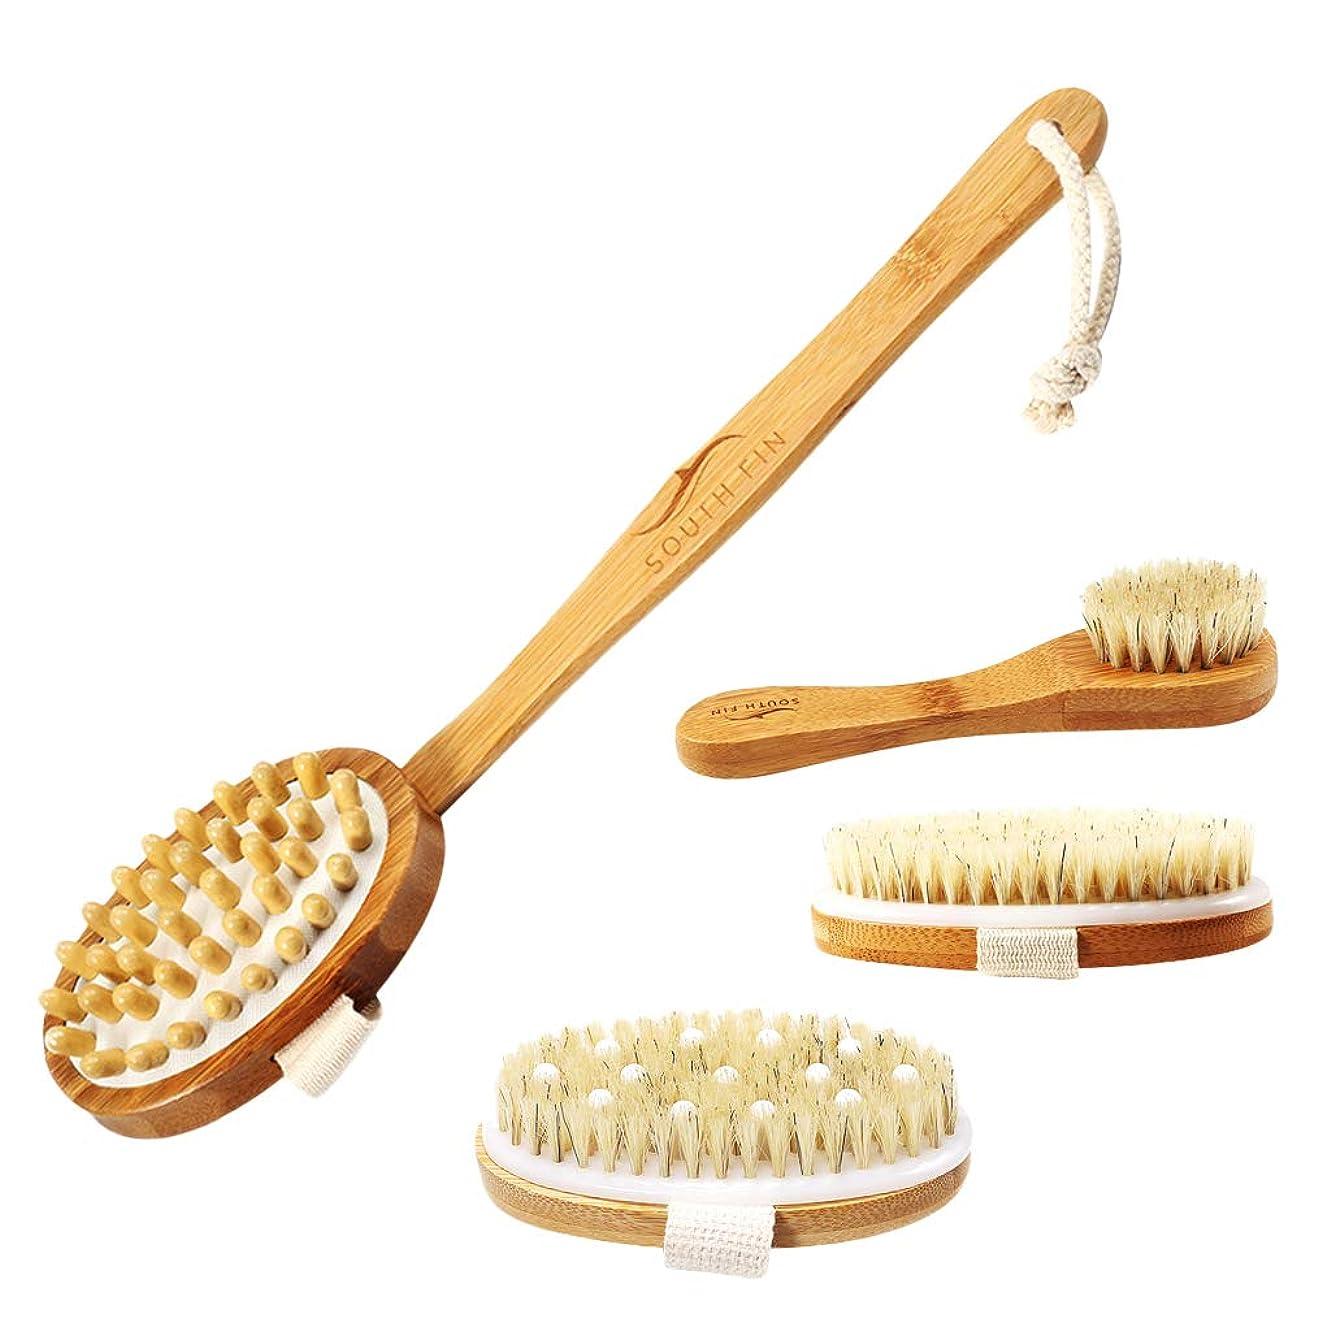 化合物バナナ虫gazechimp シャワーブラシ ボディブラシ 剛毛 天然竹 角質除去 血行促進 お風呂用 男女兼用 5個入